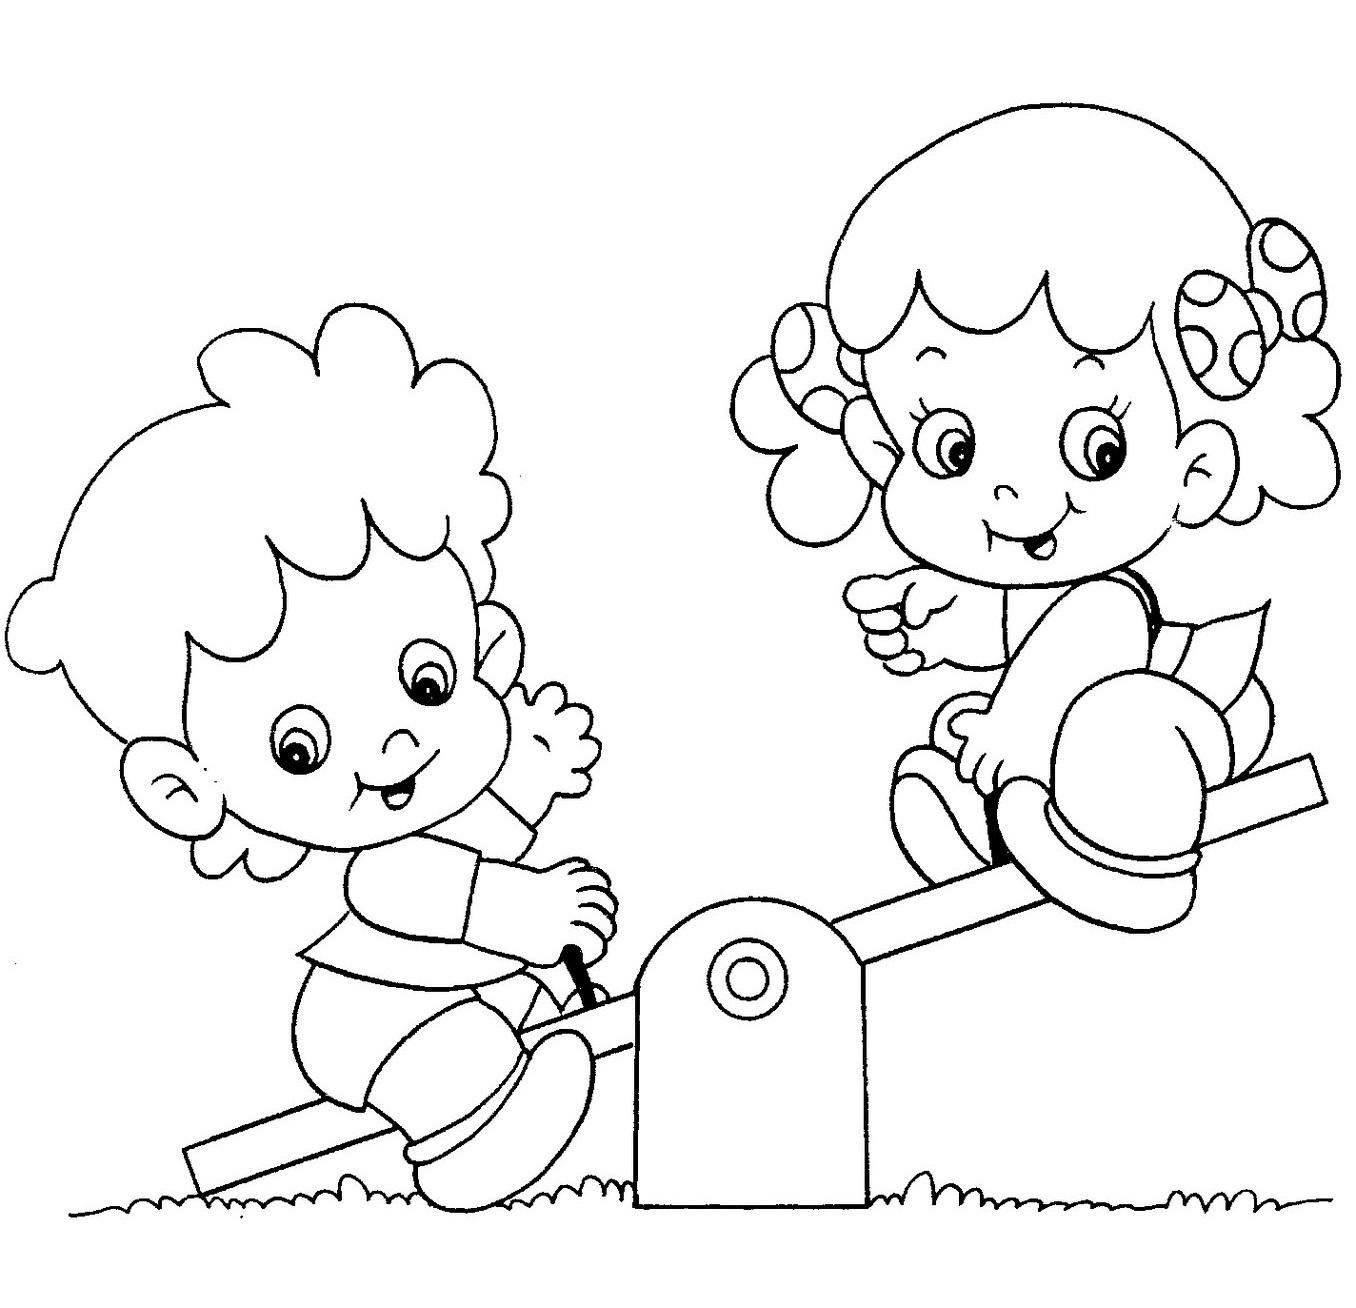 Bauzinho Da Web Bau Da Web Desenhos De Meninos E Meninas